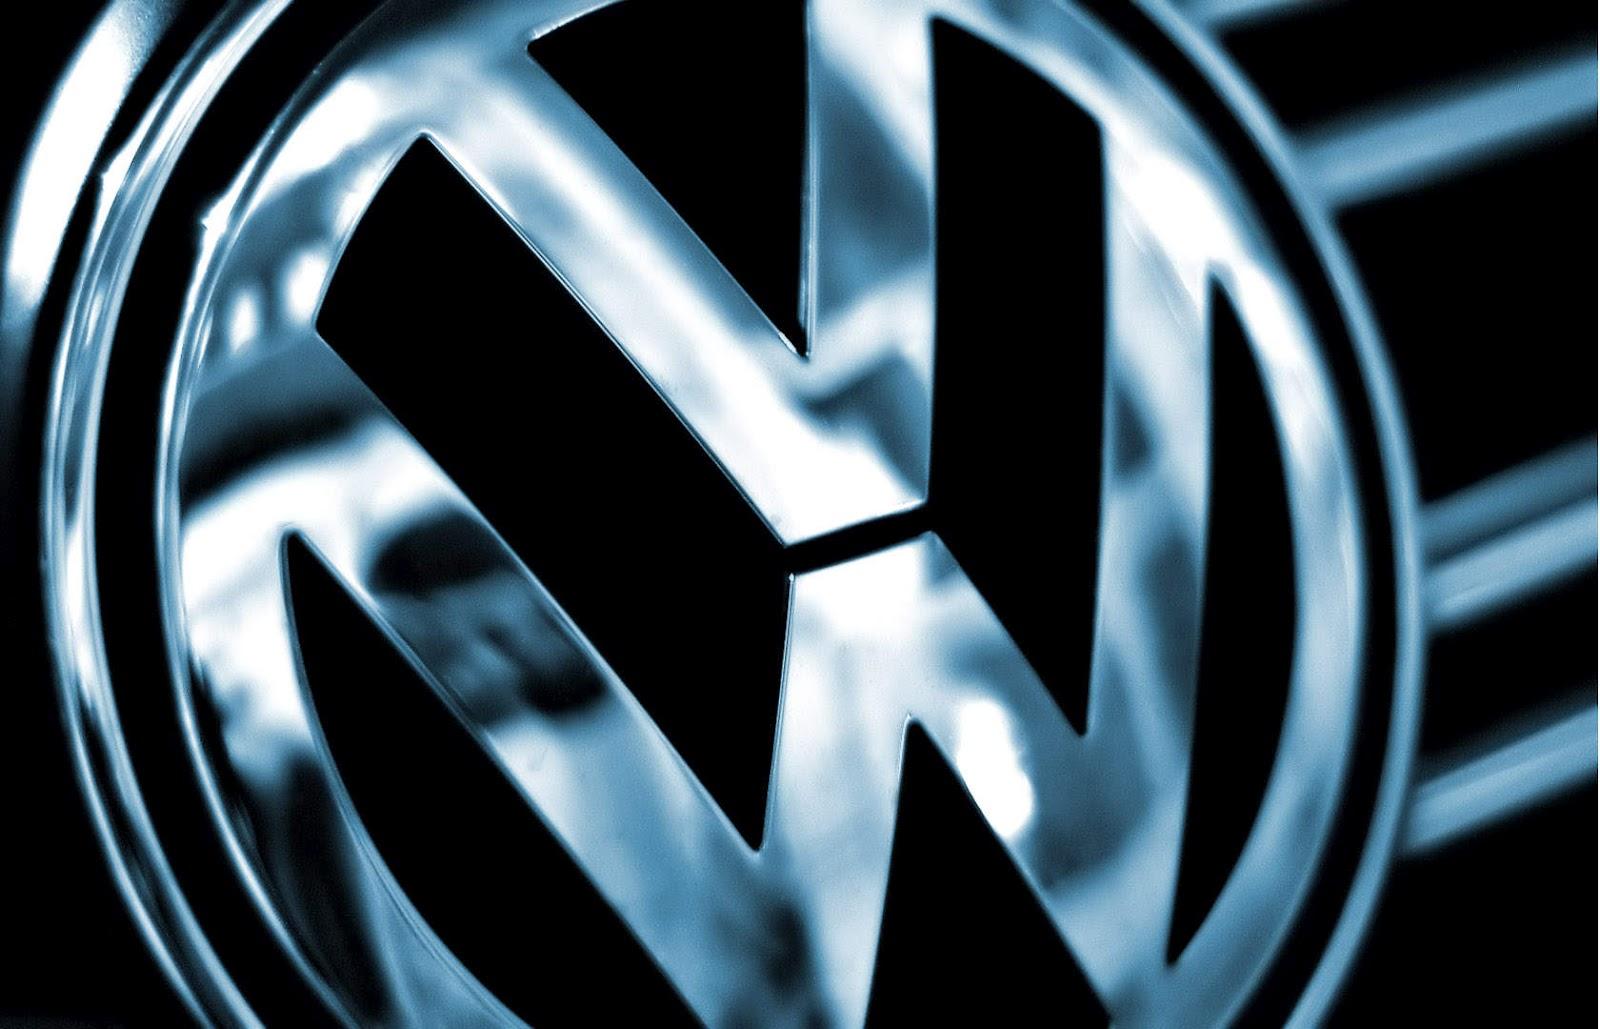 HD Wallpapers Volkswagen Logo Wallpaper 1600x1029